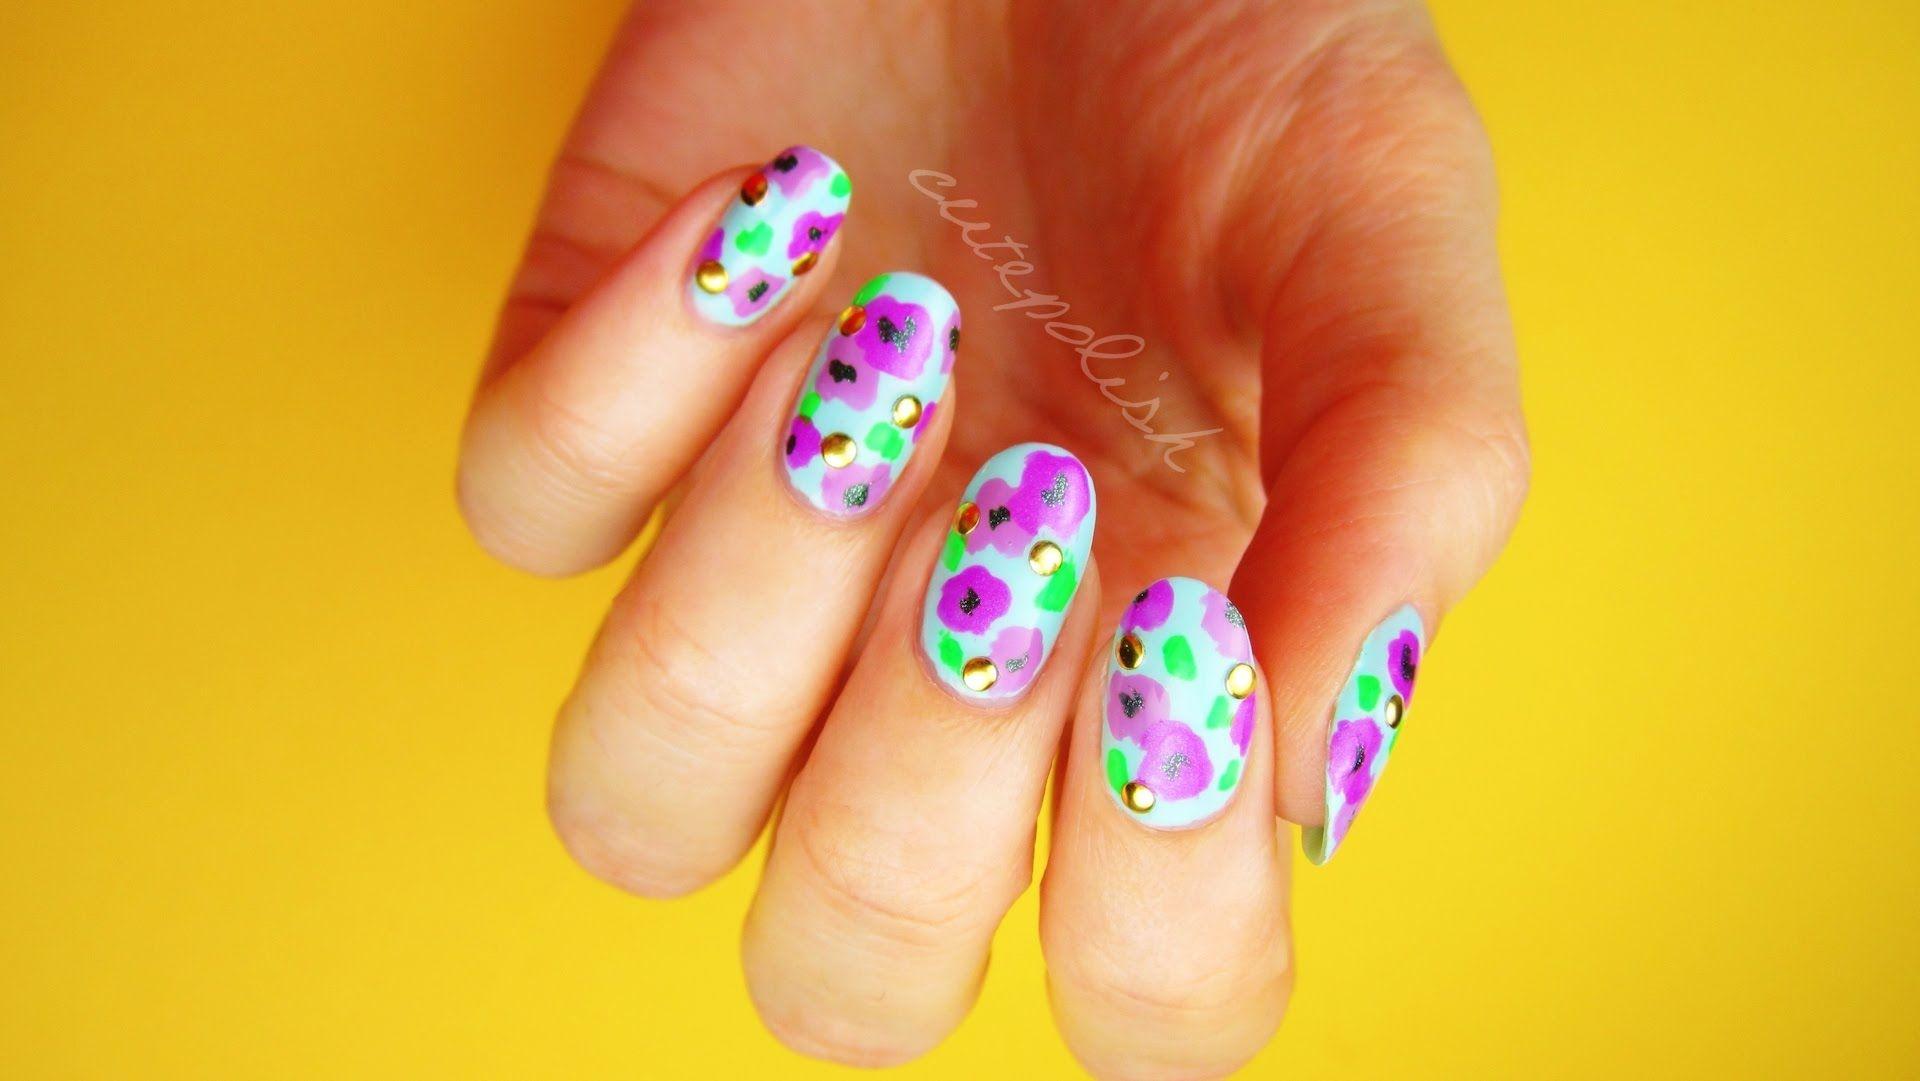 Cutepolish bold floral nails for spring no tool nail art